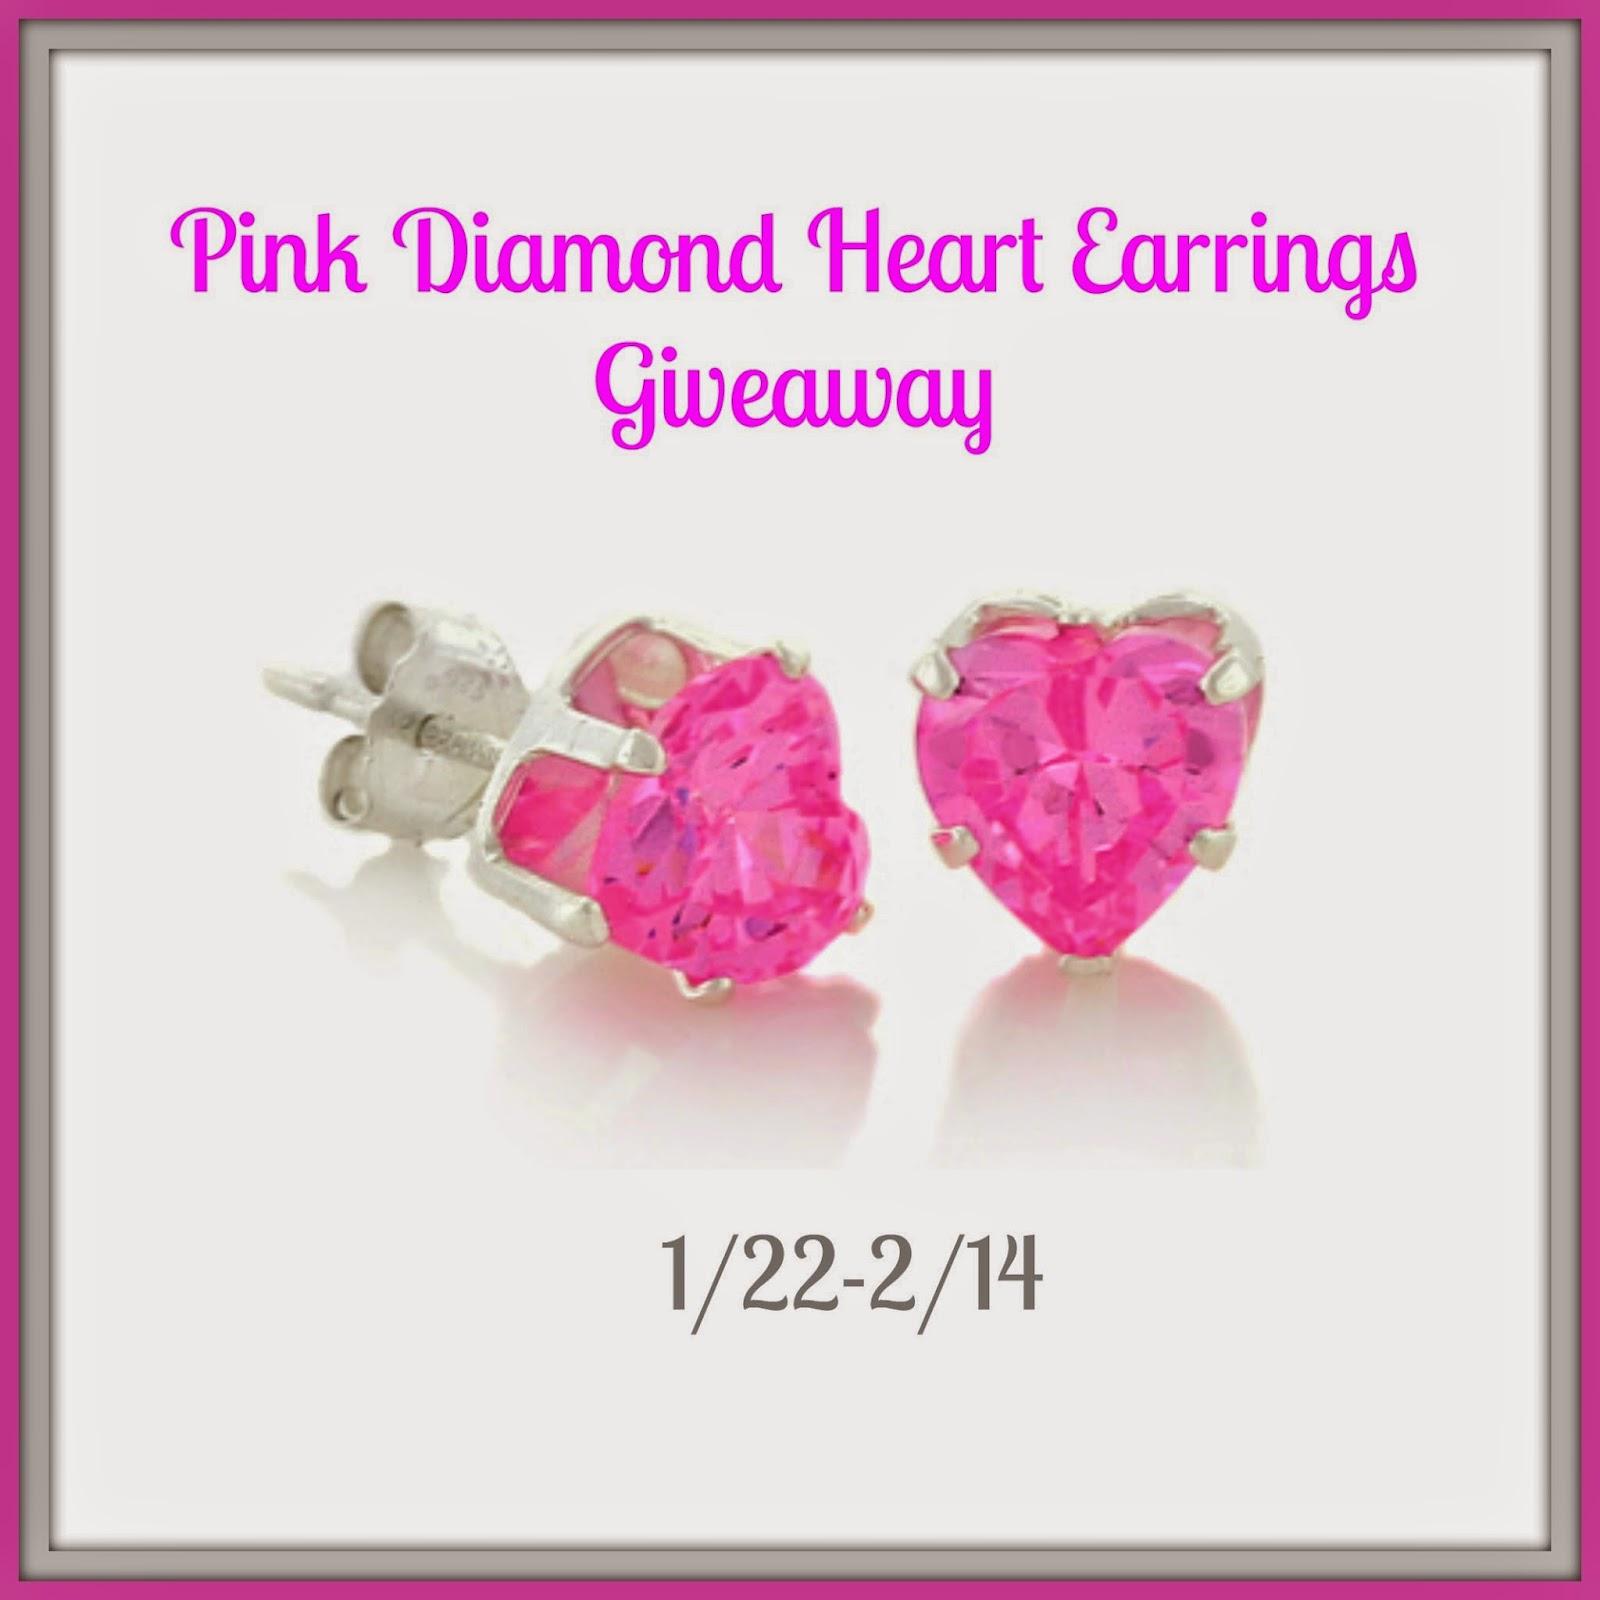 Diamond giveaway